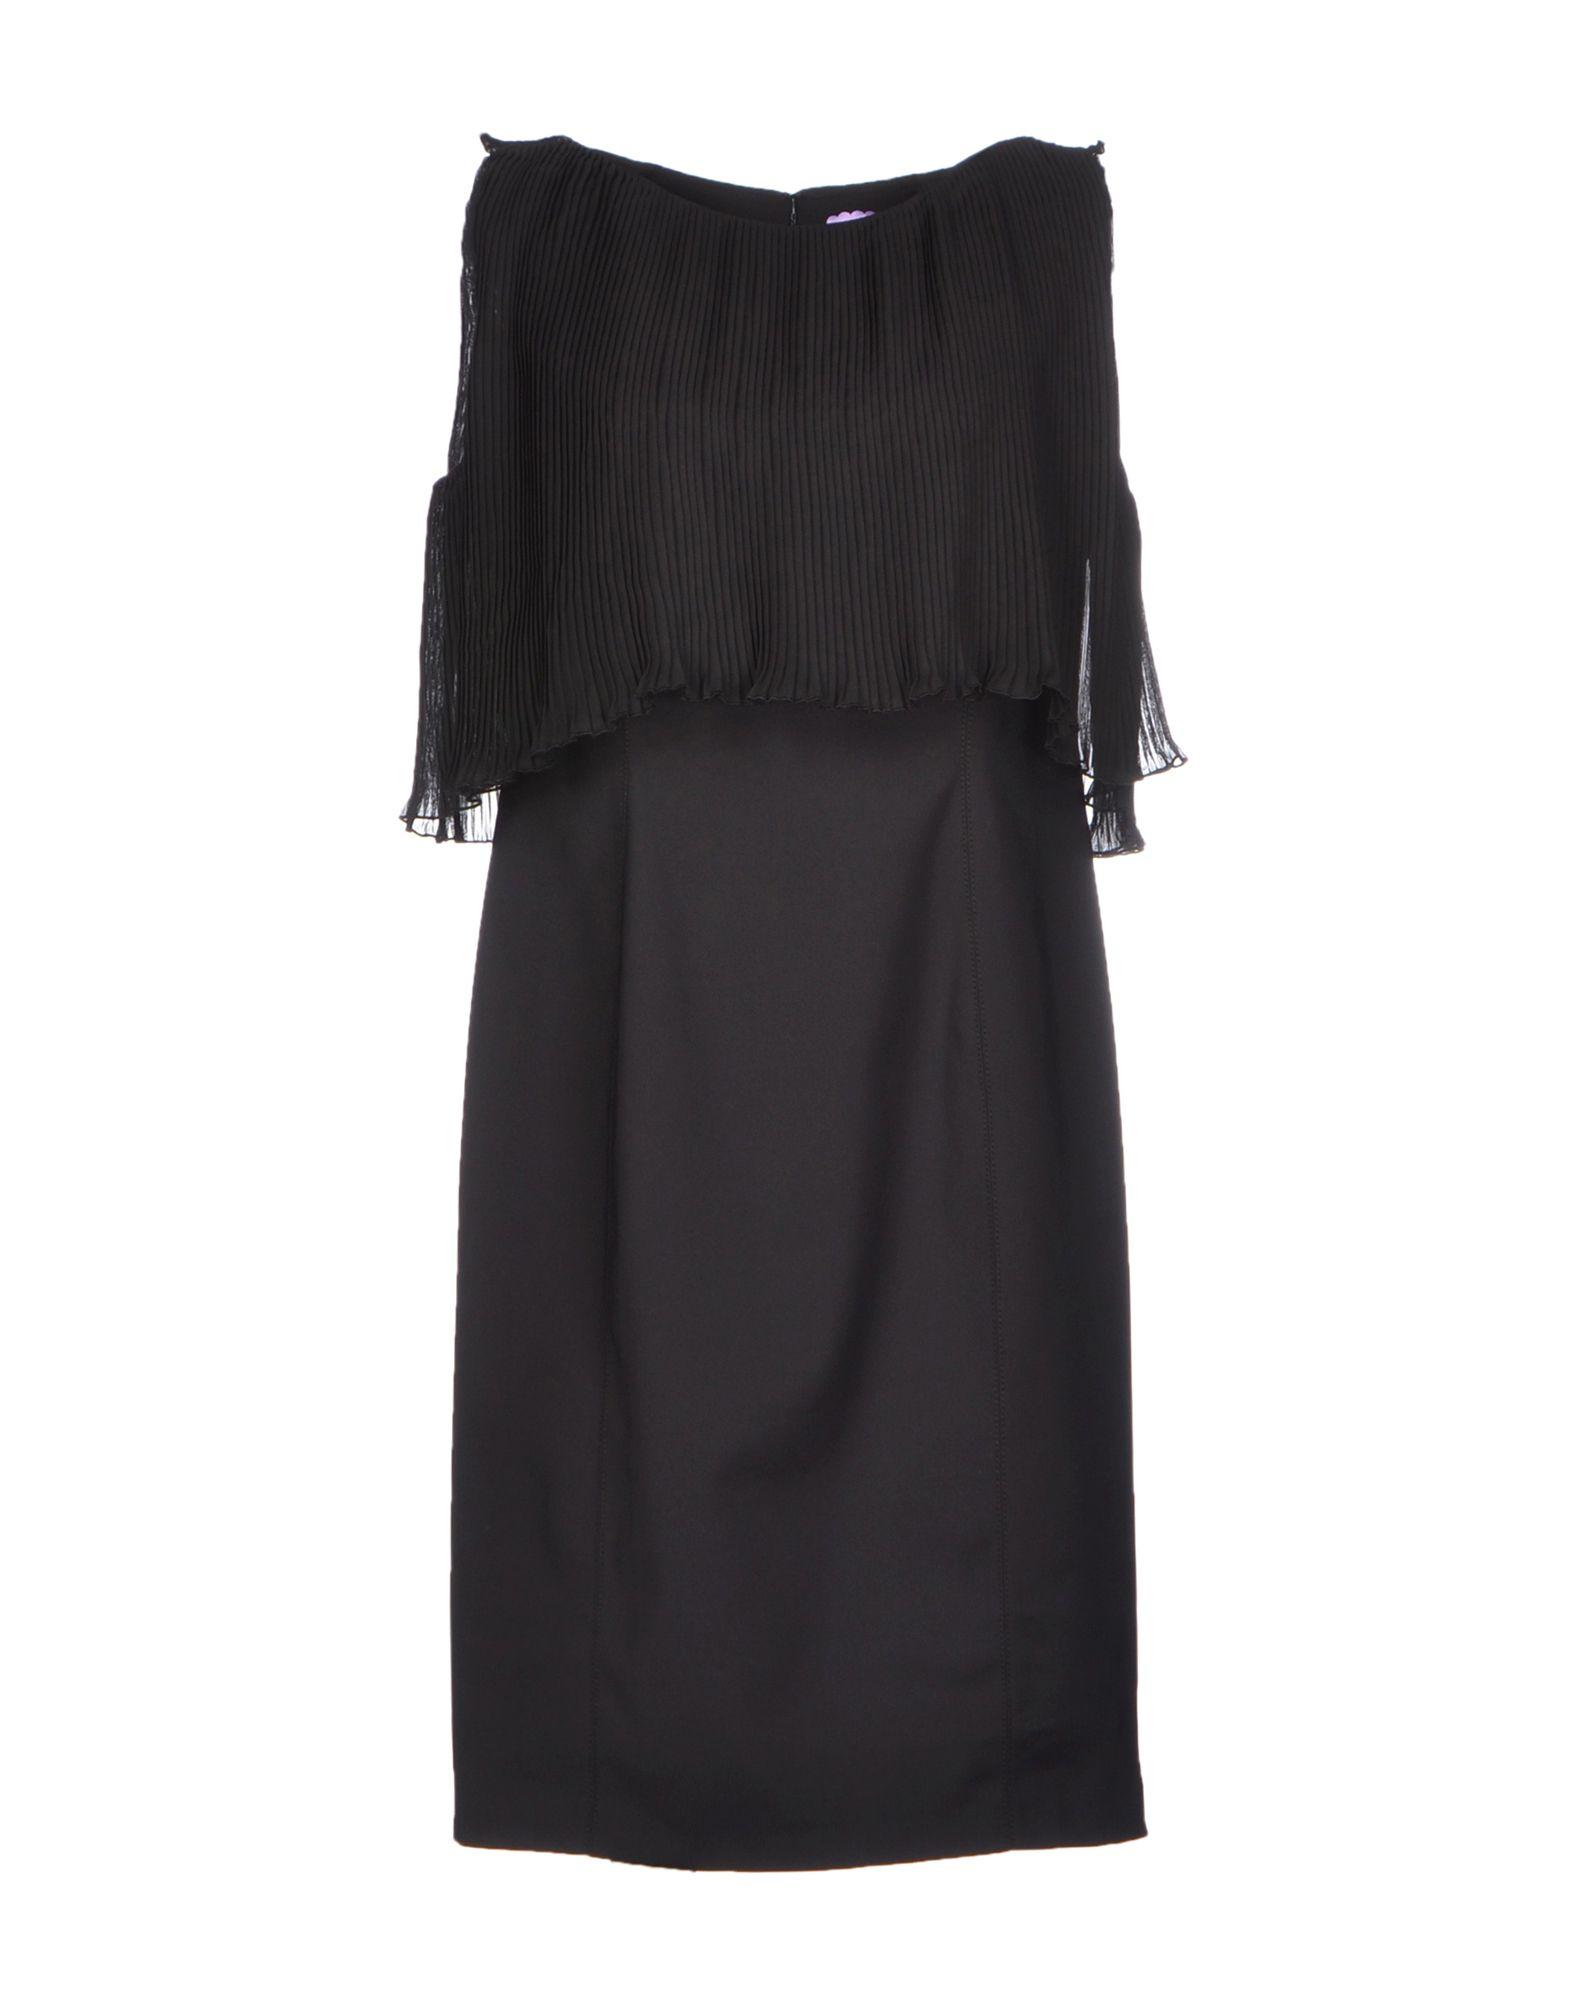 22 MAGGIO by MARIA GRAZIA SEVERI Короткое платье 22 maggio by maria grazia severi футболка